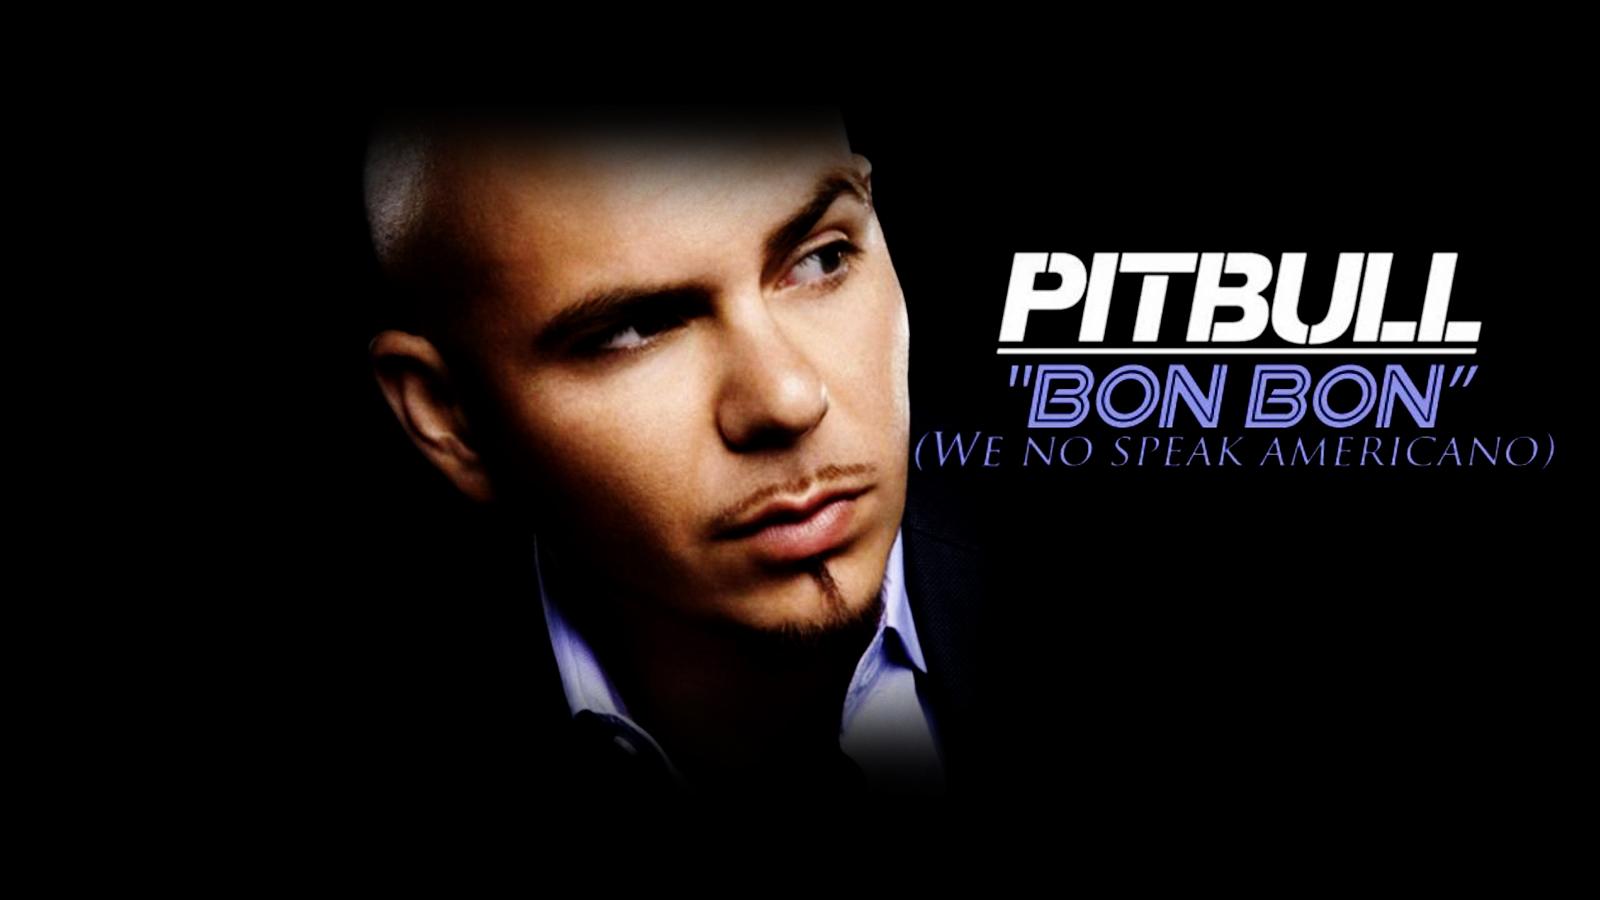 http://3.bp.blogspot.com/-szp82mC7yGU/TtlASDOX8cI/AAAAAAAAErc/fnPlegsY4EQ/s1600/Pitbull_Bon_Bon_HD_Wallpaper.jpg